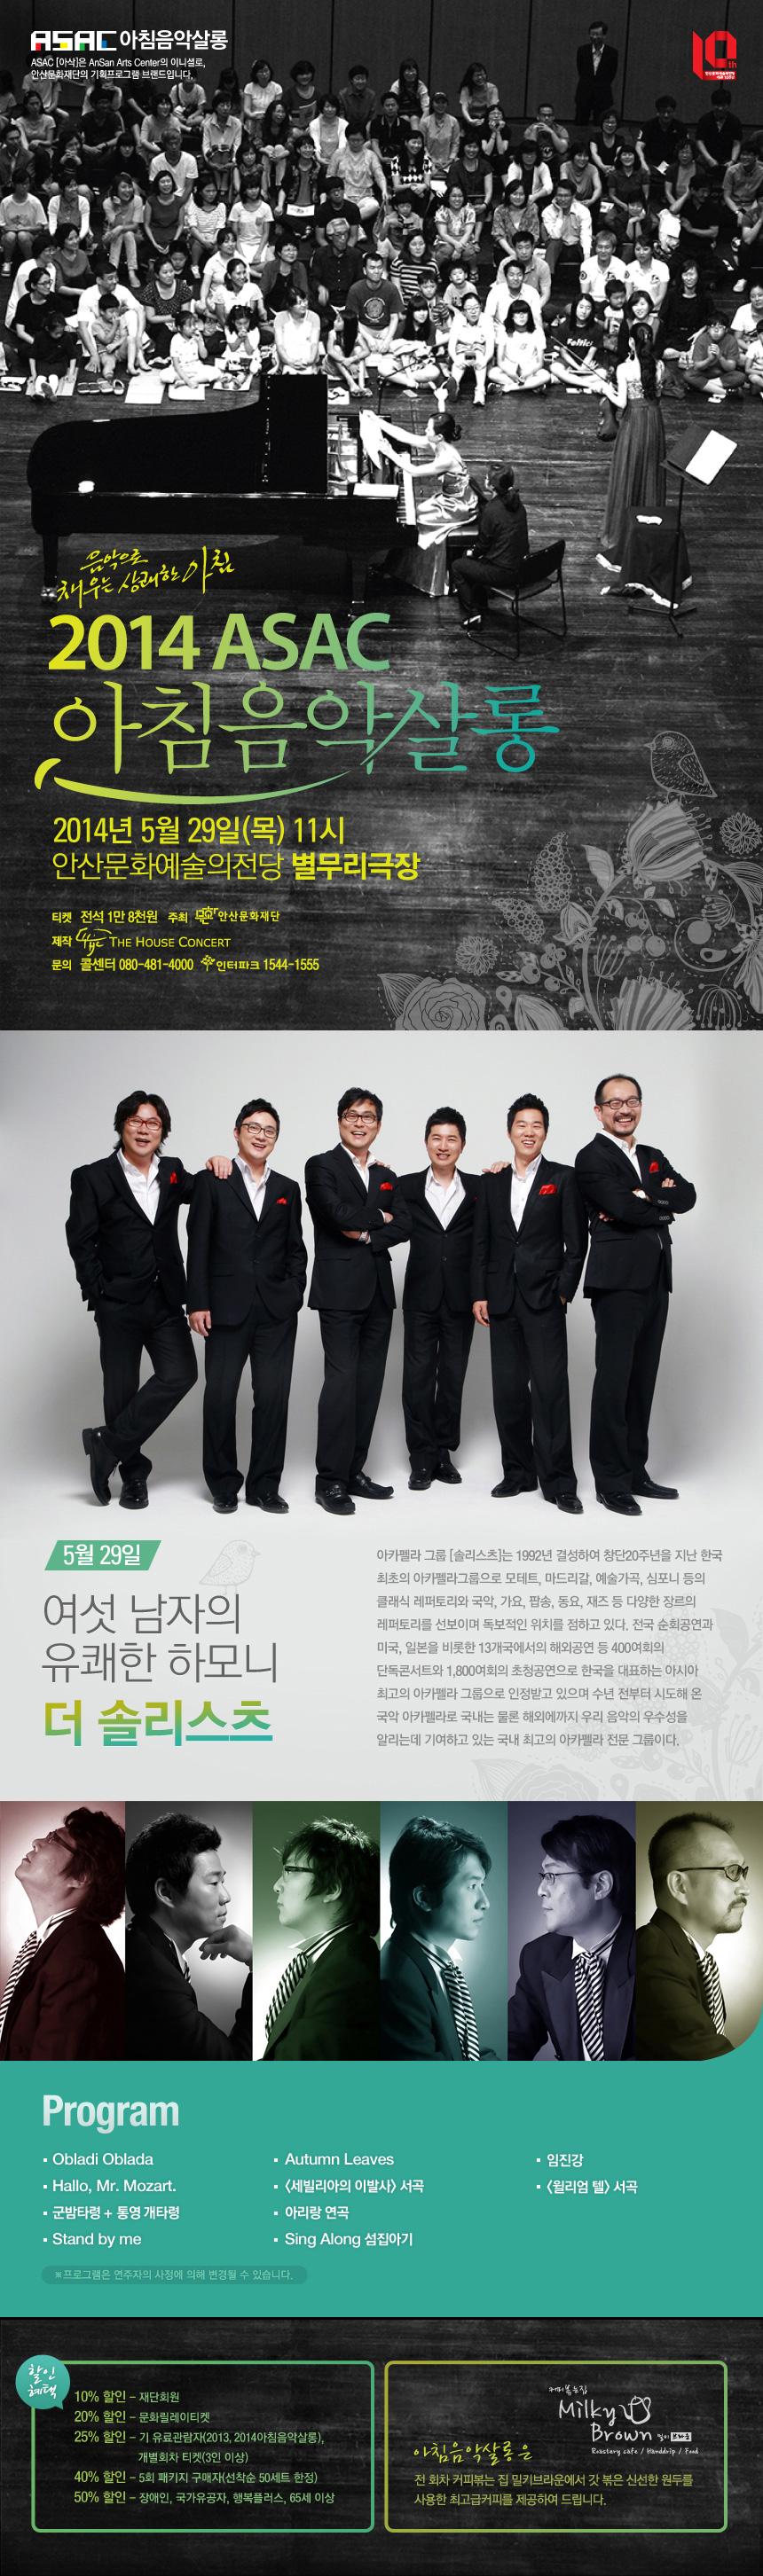 2014 ASAC 아침음악살롱 여섯남자의 유쾌한 하모니 더 솔리스츠